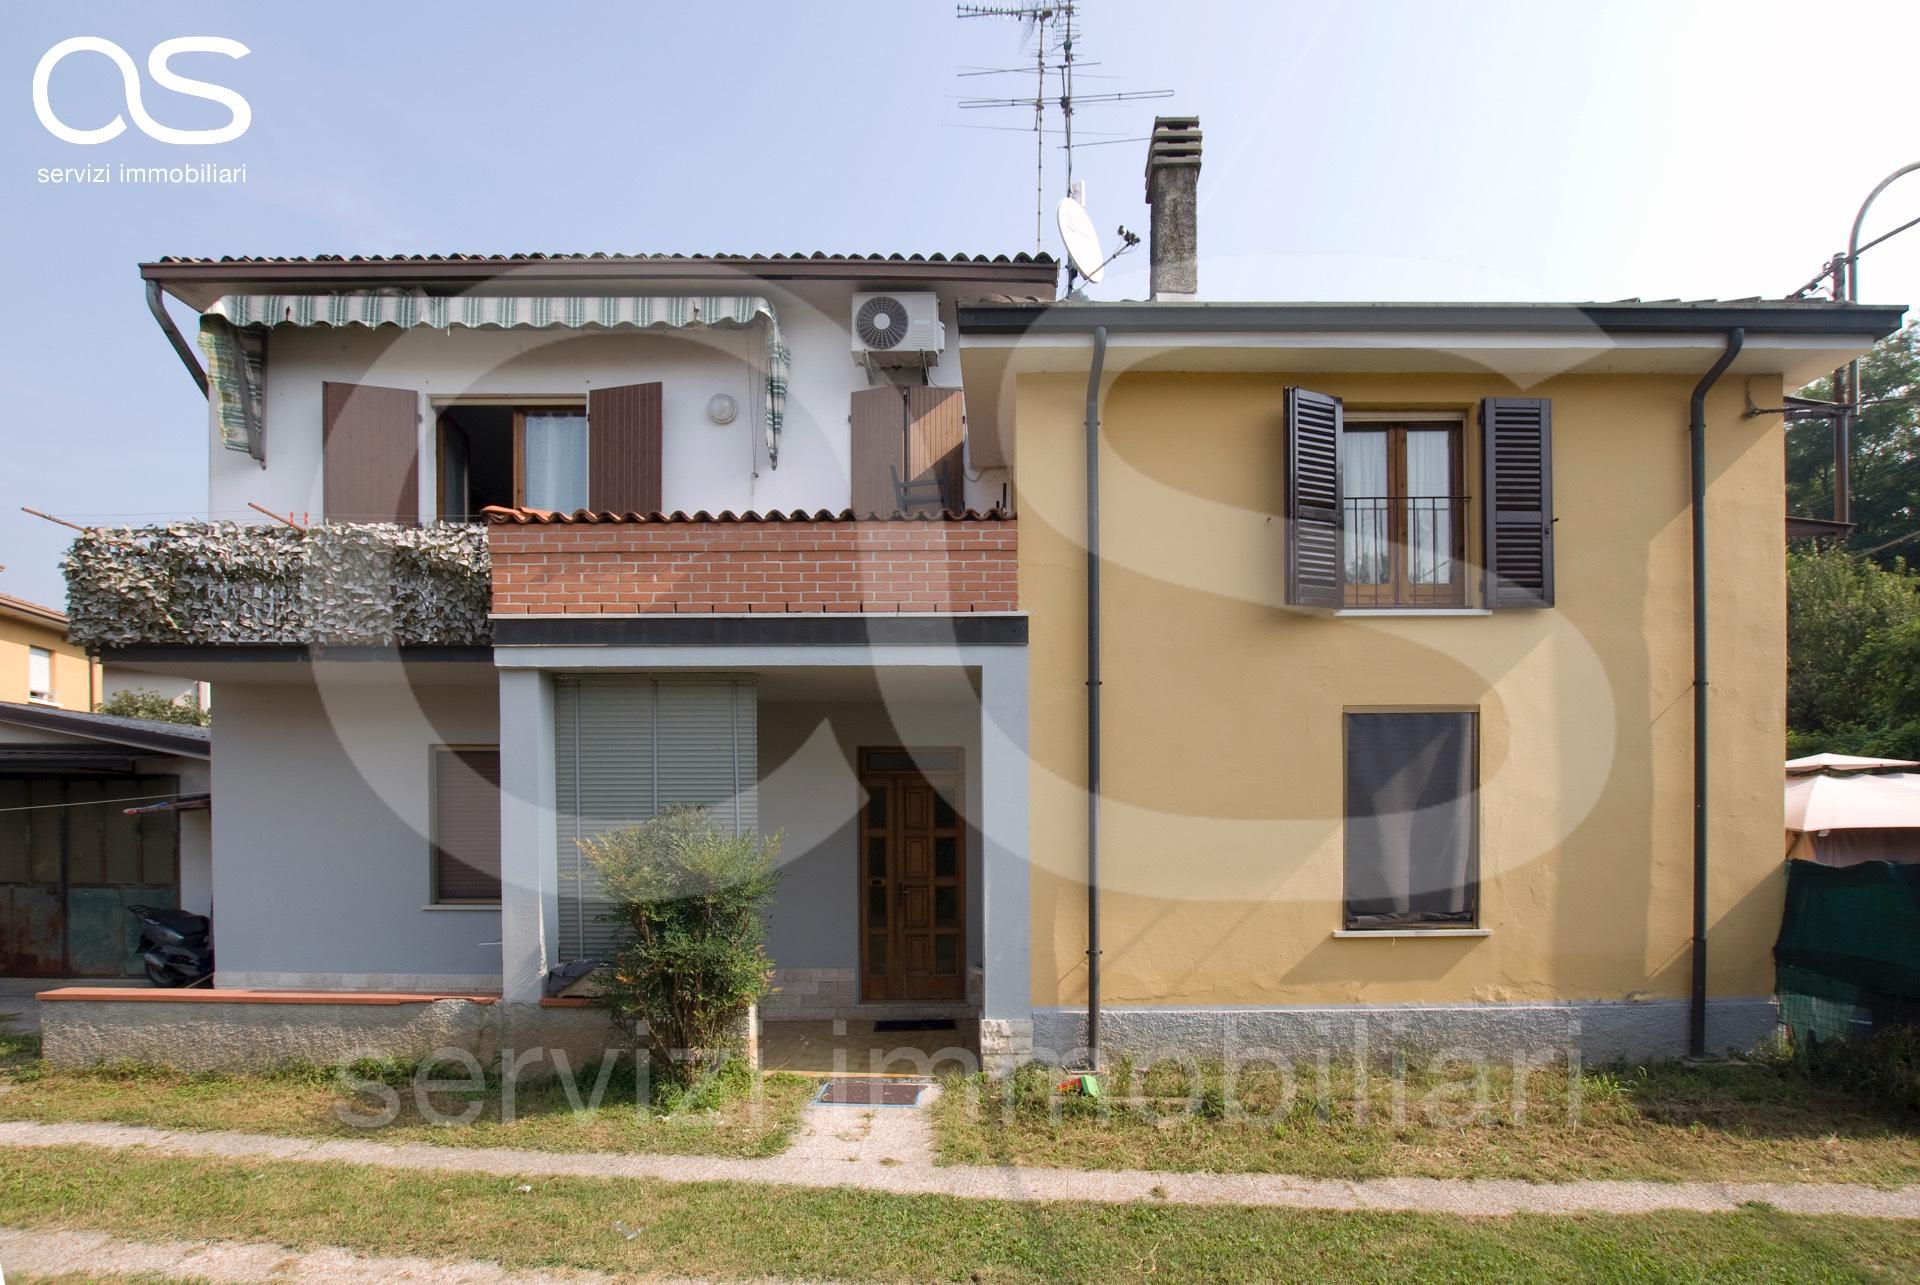 Villa in vendita a Manerbio, 5 locali, prezzo € 140.000 | CambioCasa.it